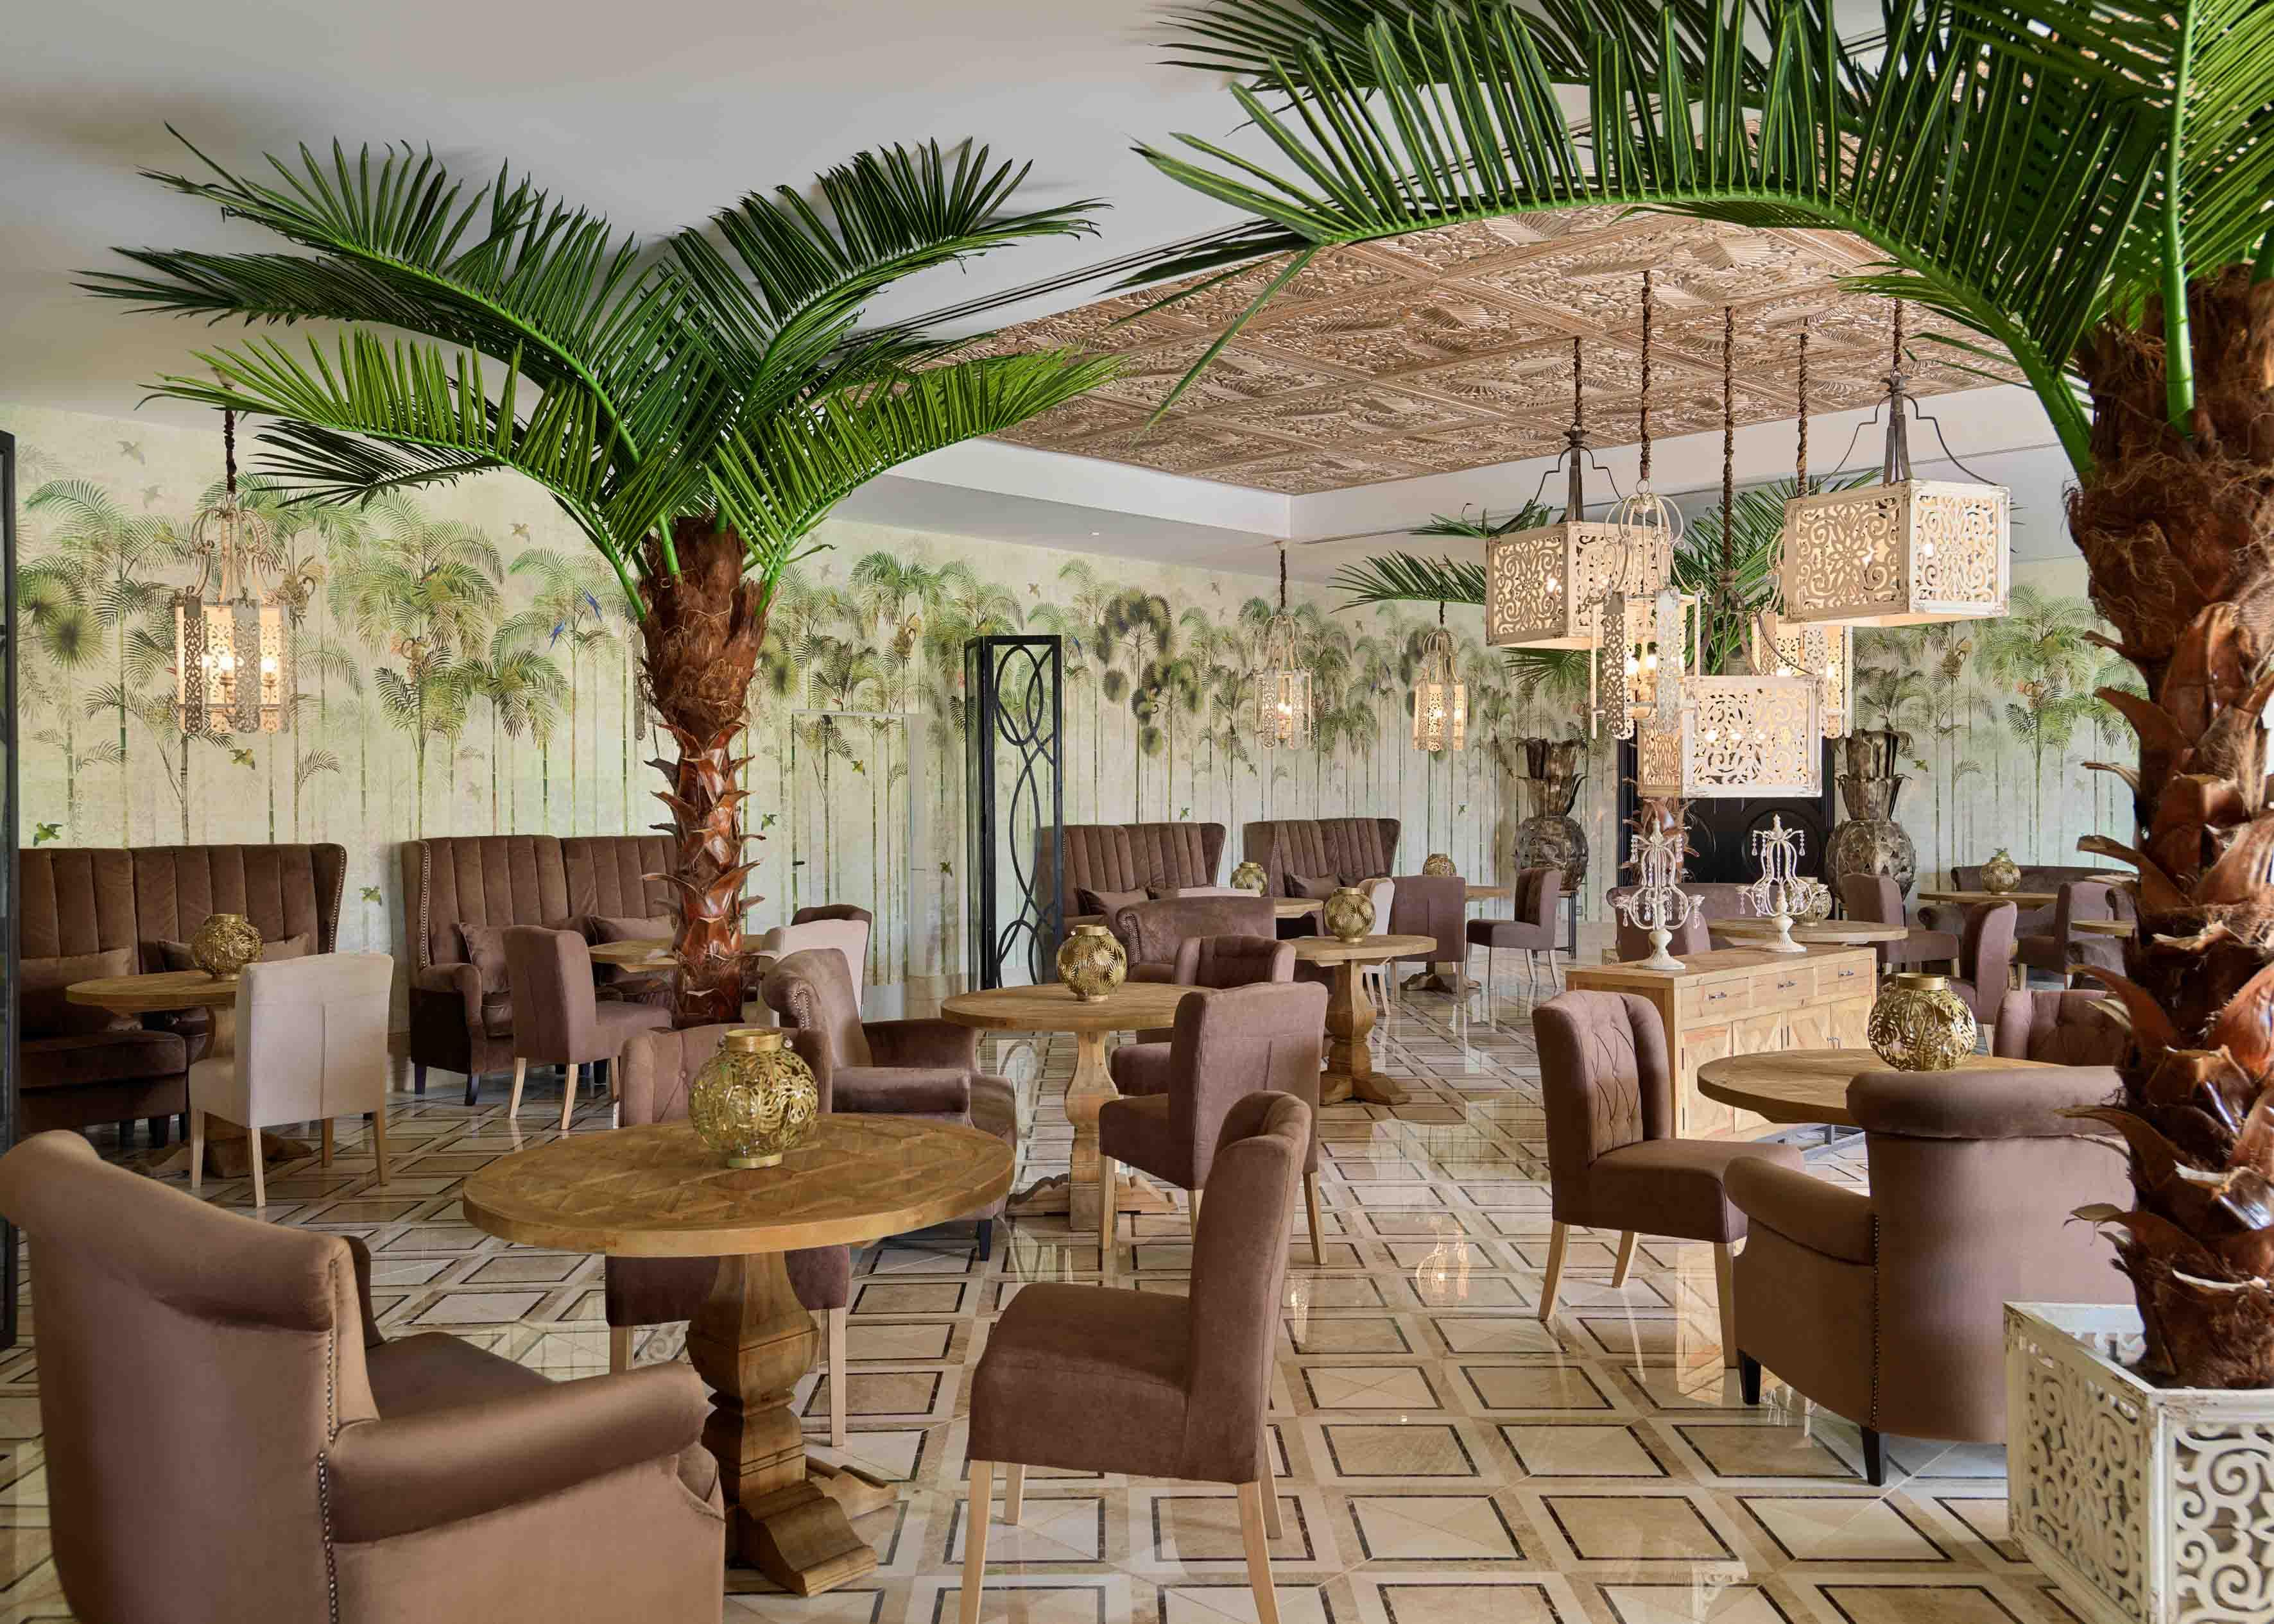 Restaurante Pineapple